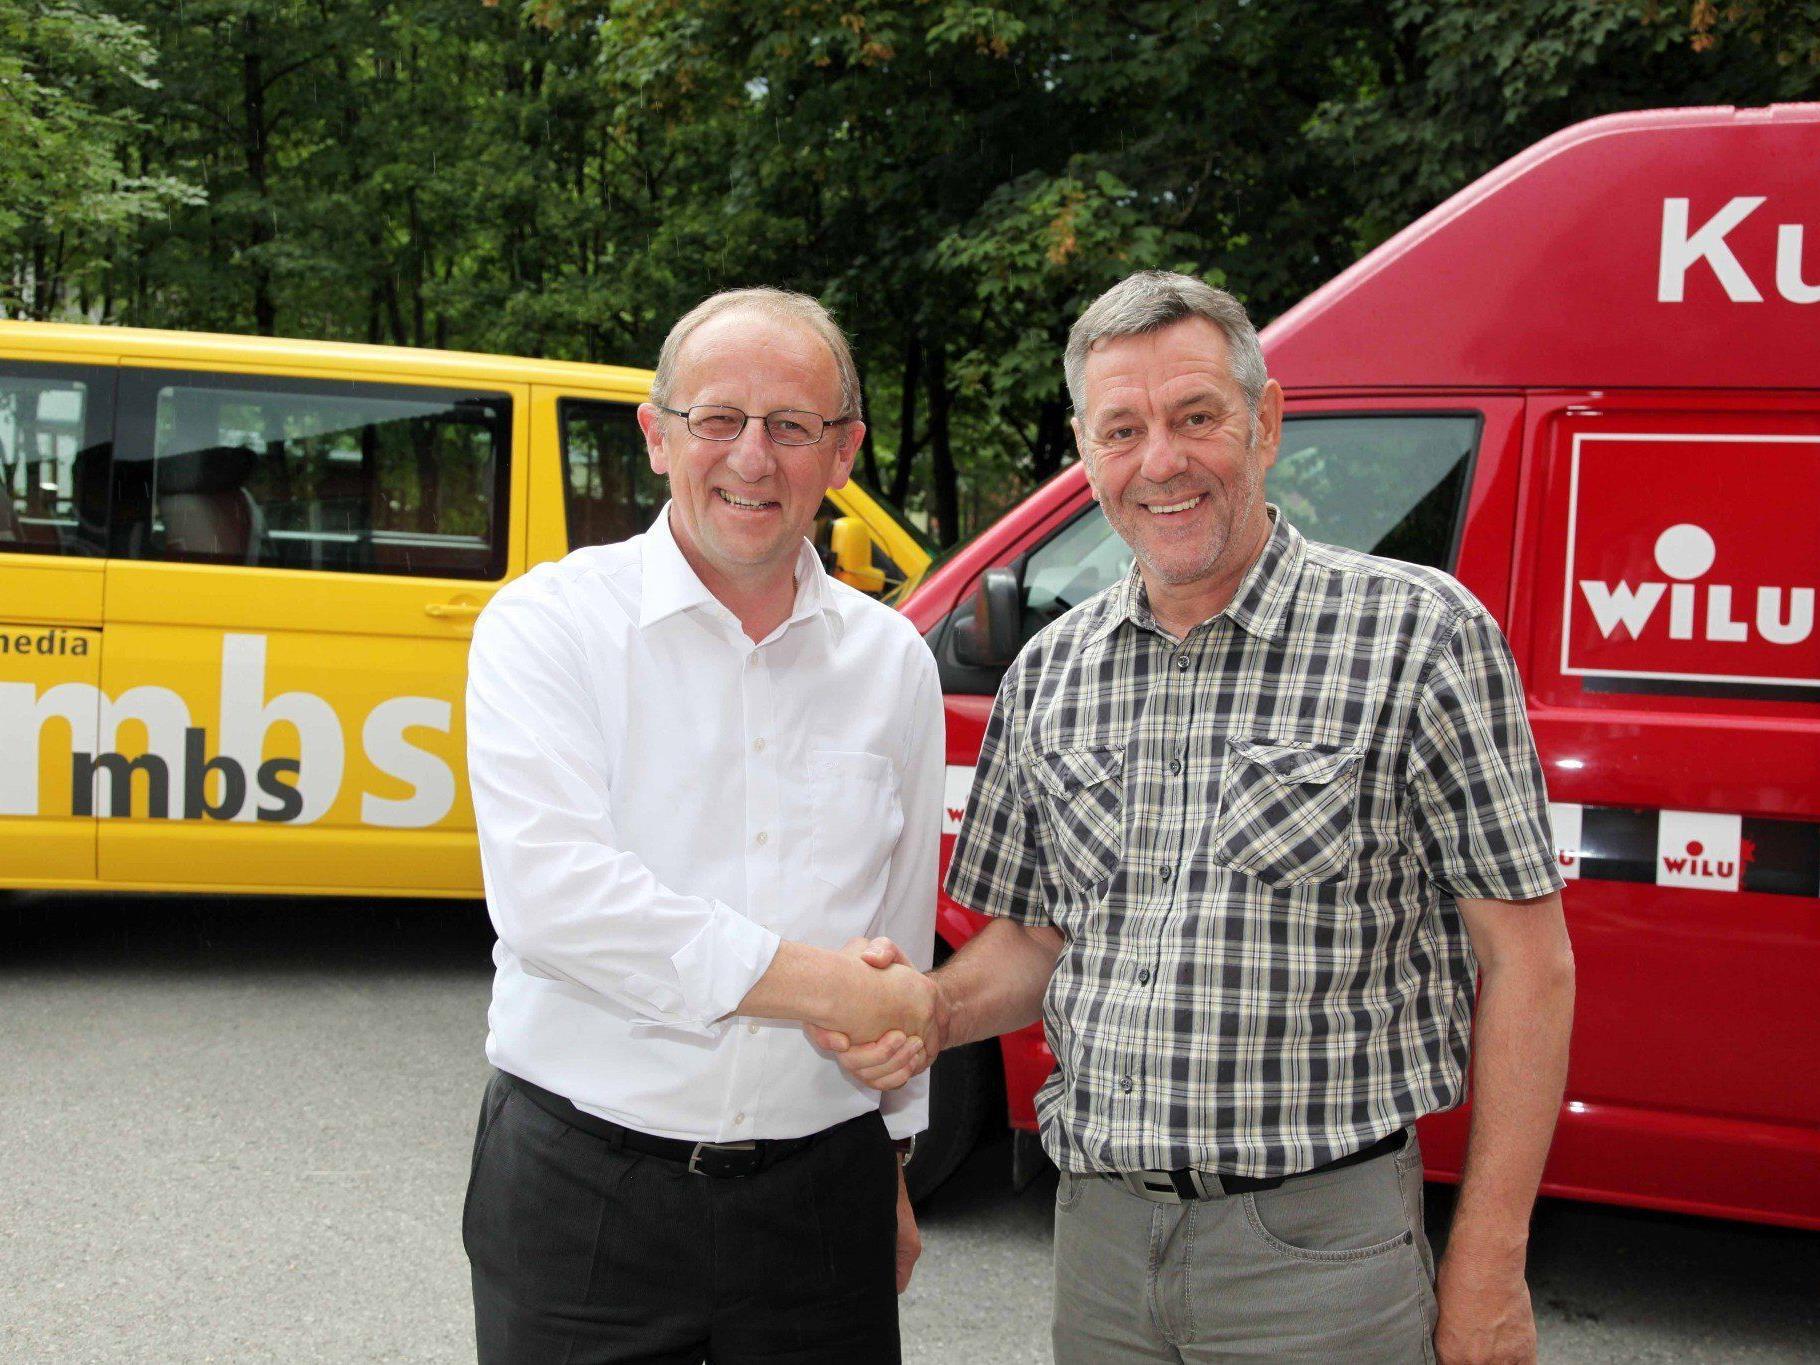 Besiegeln die Übernahme der Firma WILU durch die mbs Gruppe: mbs-Vorstandsdirektor Bertram Luger (l.) und der bisherige WILU-Mehrheitseigner Peter Wieser (r.).